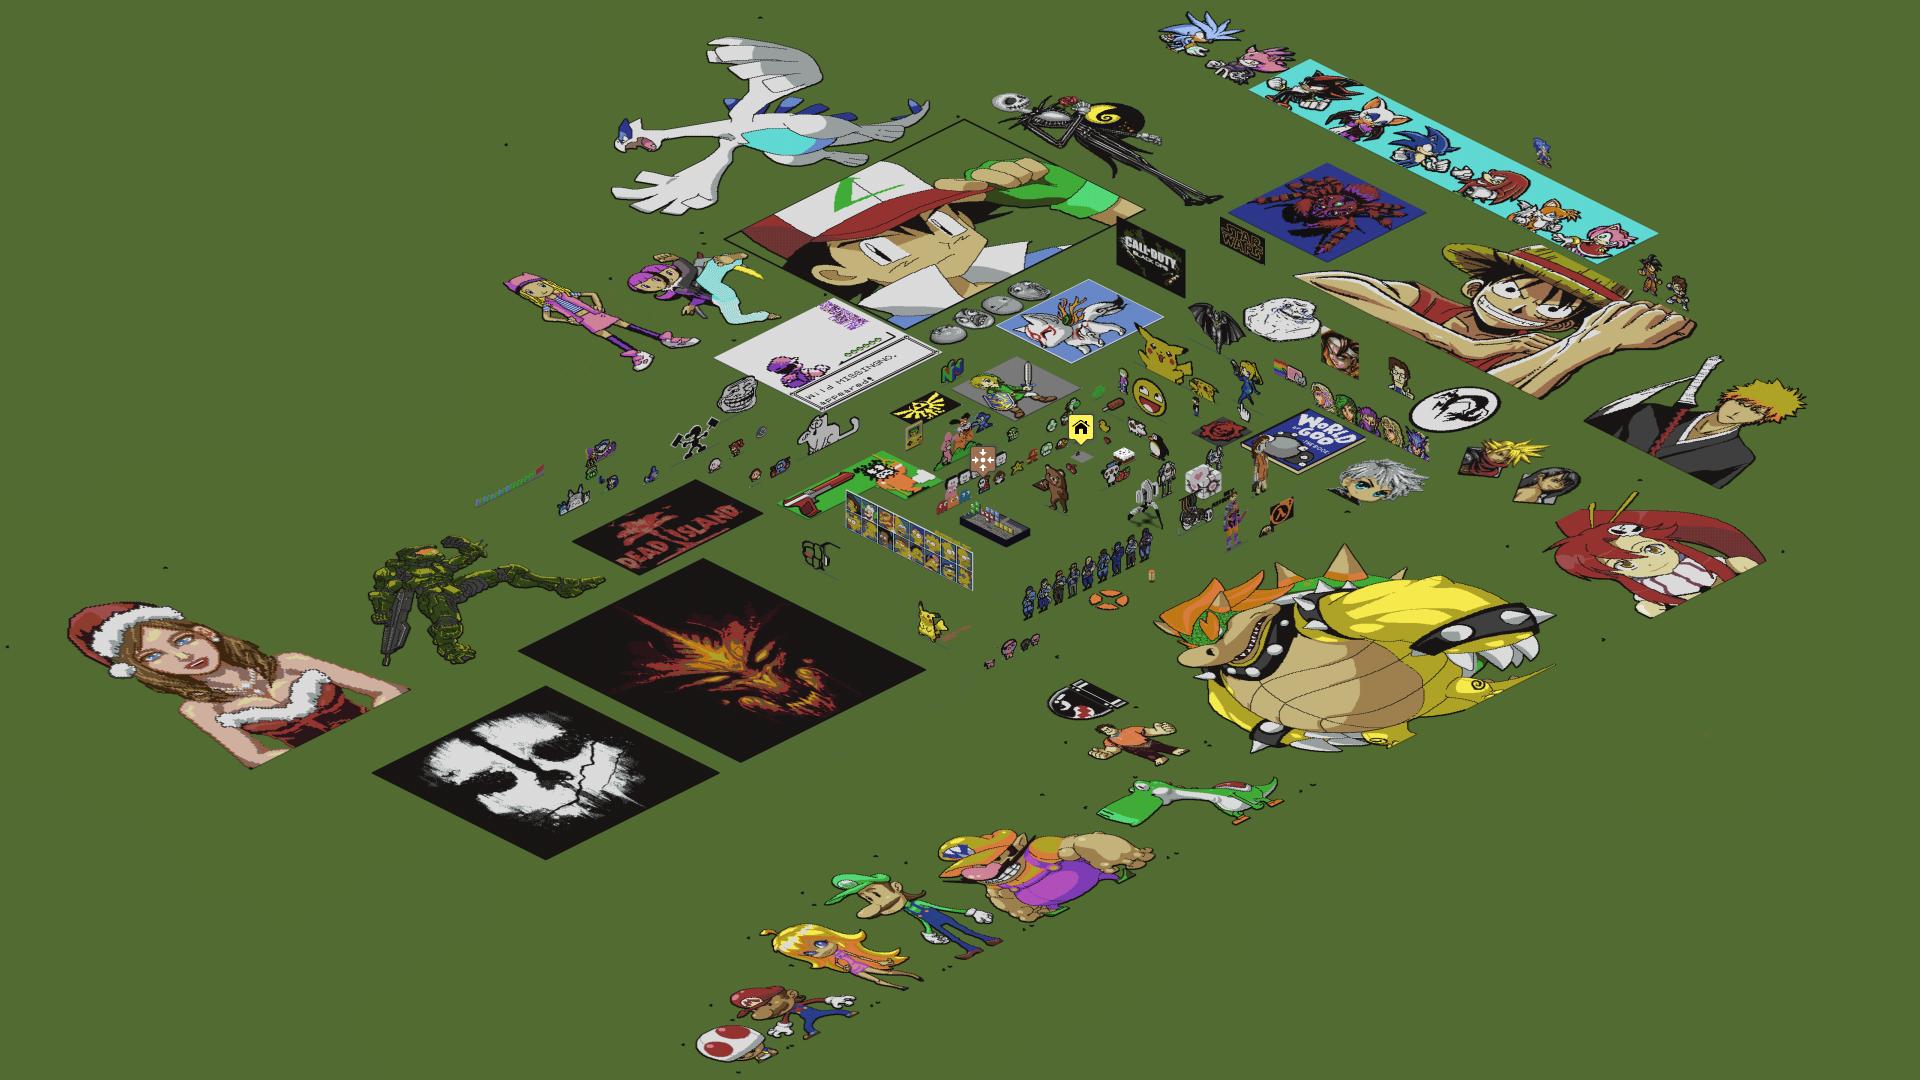 Minecraft My Pixel Art World By Luk01 On Deviantart